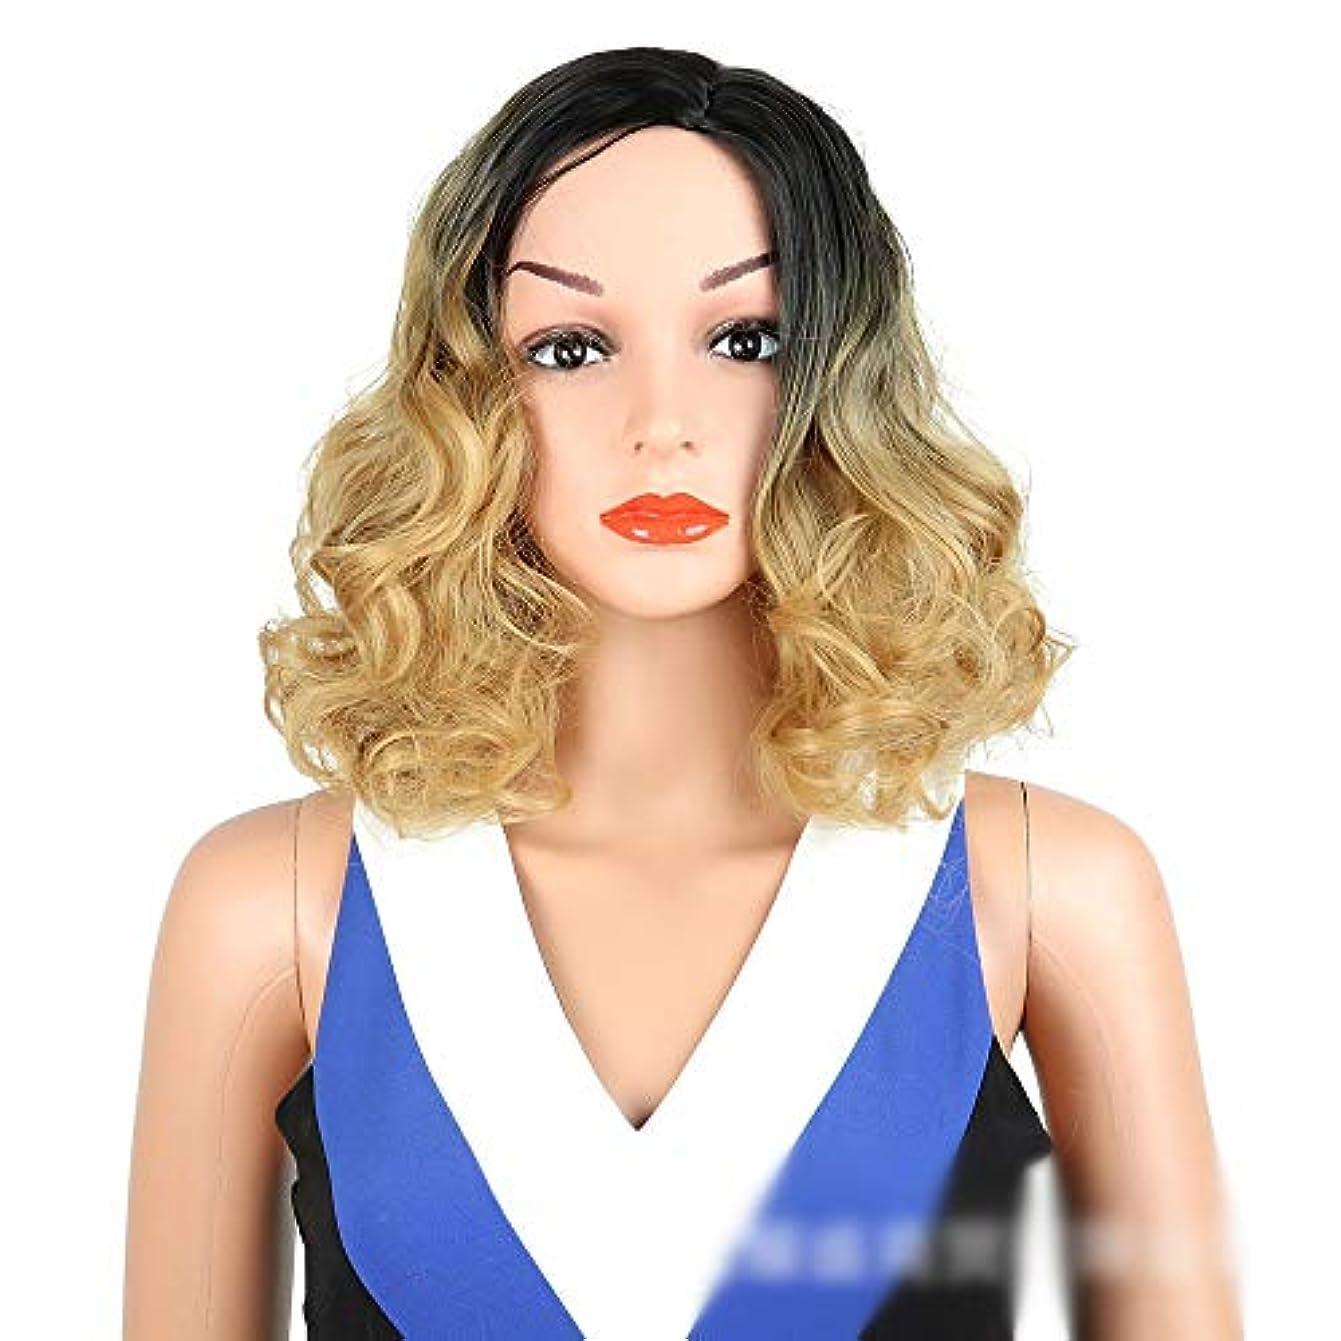 報酬ピザカロリーYOUQIU 自然なオンブルブロンドウィッグ黒根ざしロングカーリーマシンは、女性のかつらのための合成かつらを作りました (色 : Blonde)